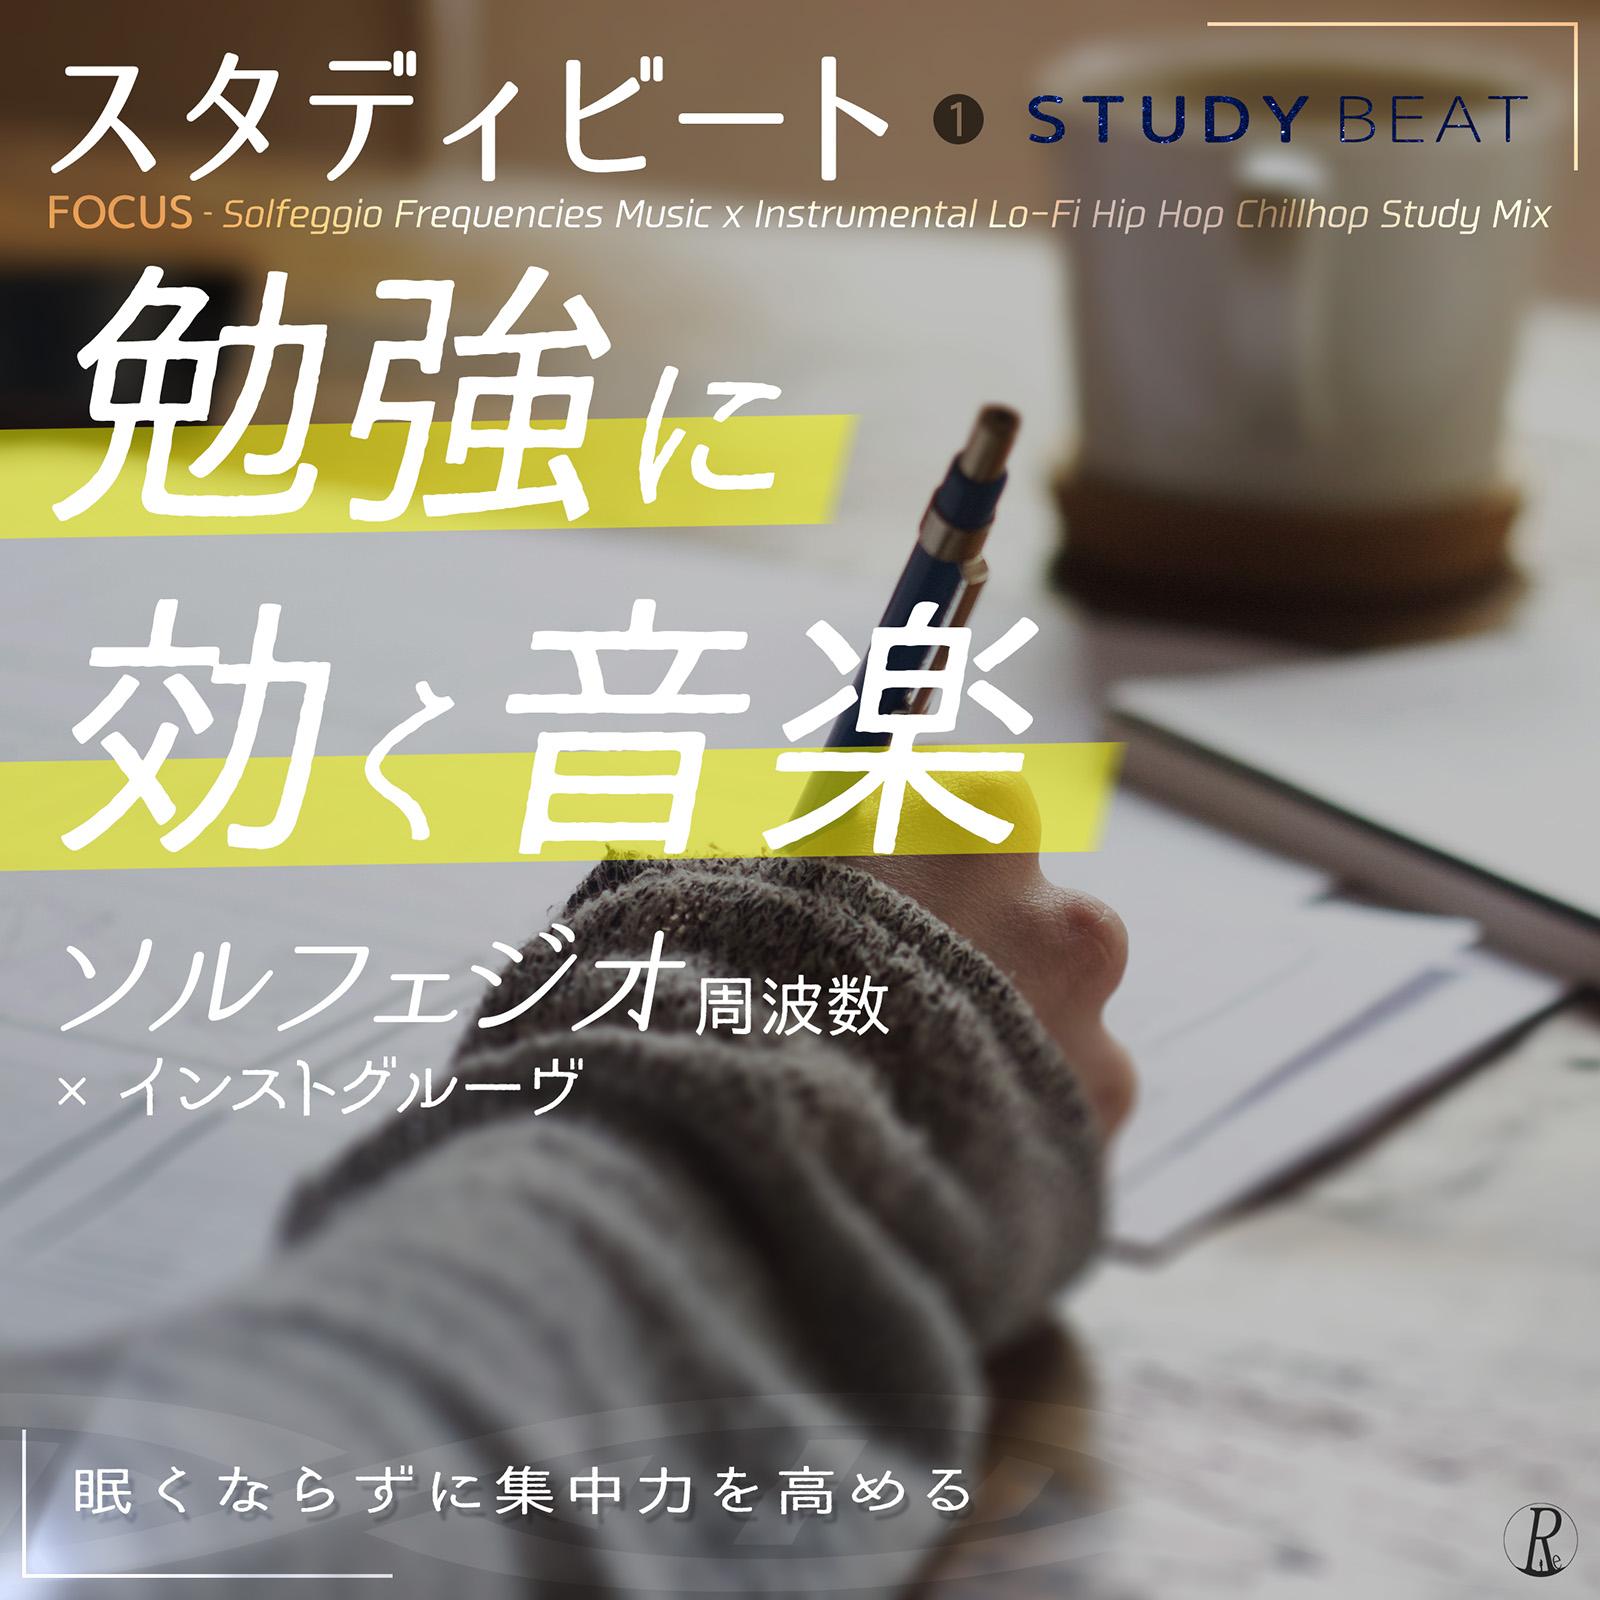 Study Beat Lab - スタディビート 1 勉強に効く音楽 - ソルフェジオ周波数×インストグルーヴ - 眠くならずに集中力を高める